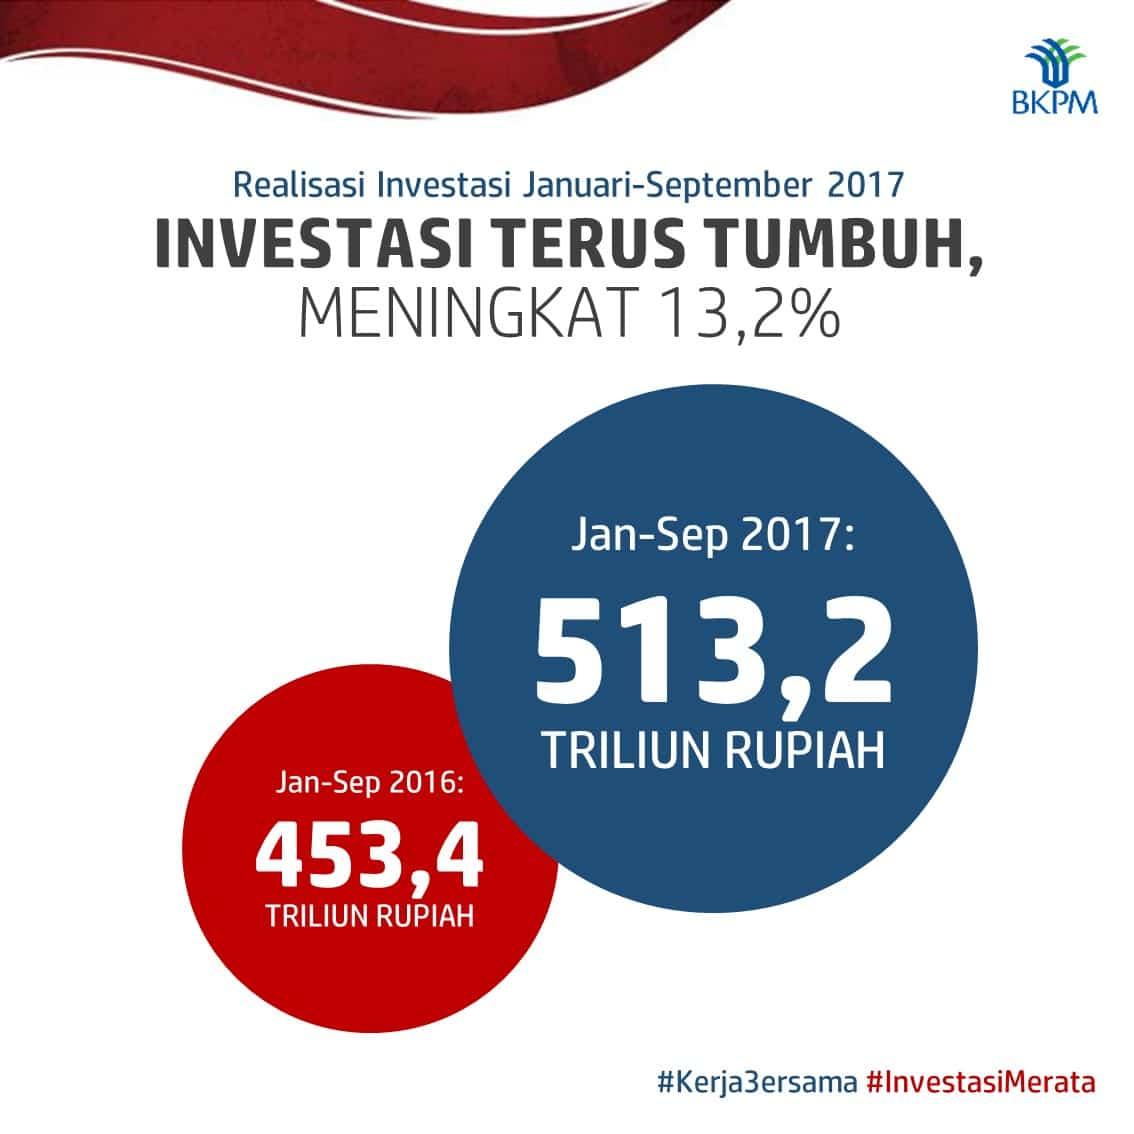 Realisasi Investasi Januari – September Tahun 2017 Rp 513,2 triliun, Telah Mencapai 75,6% dari Target